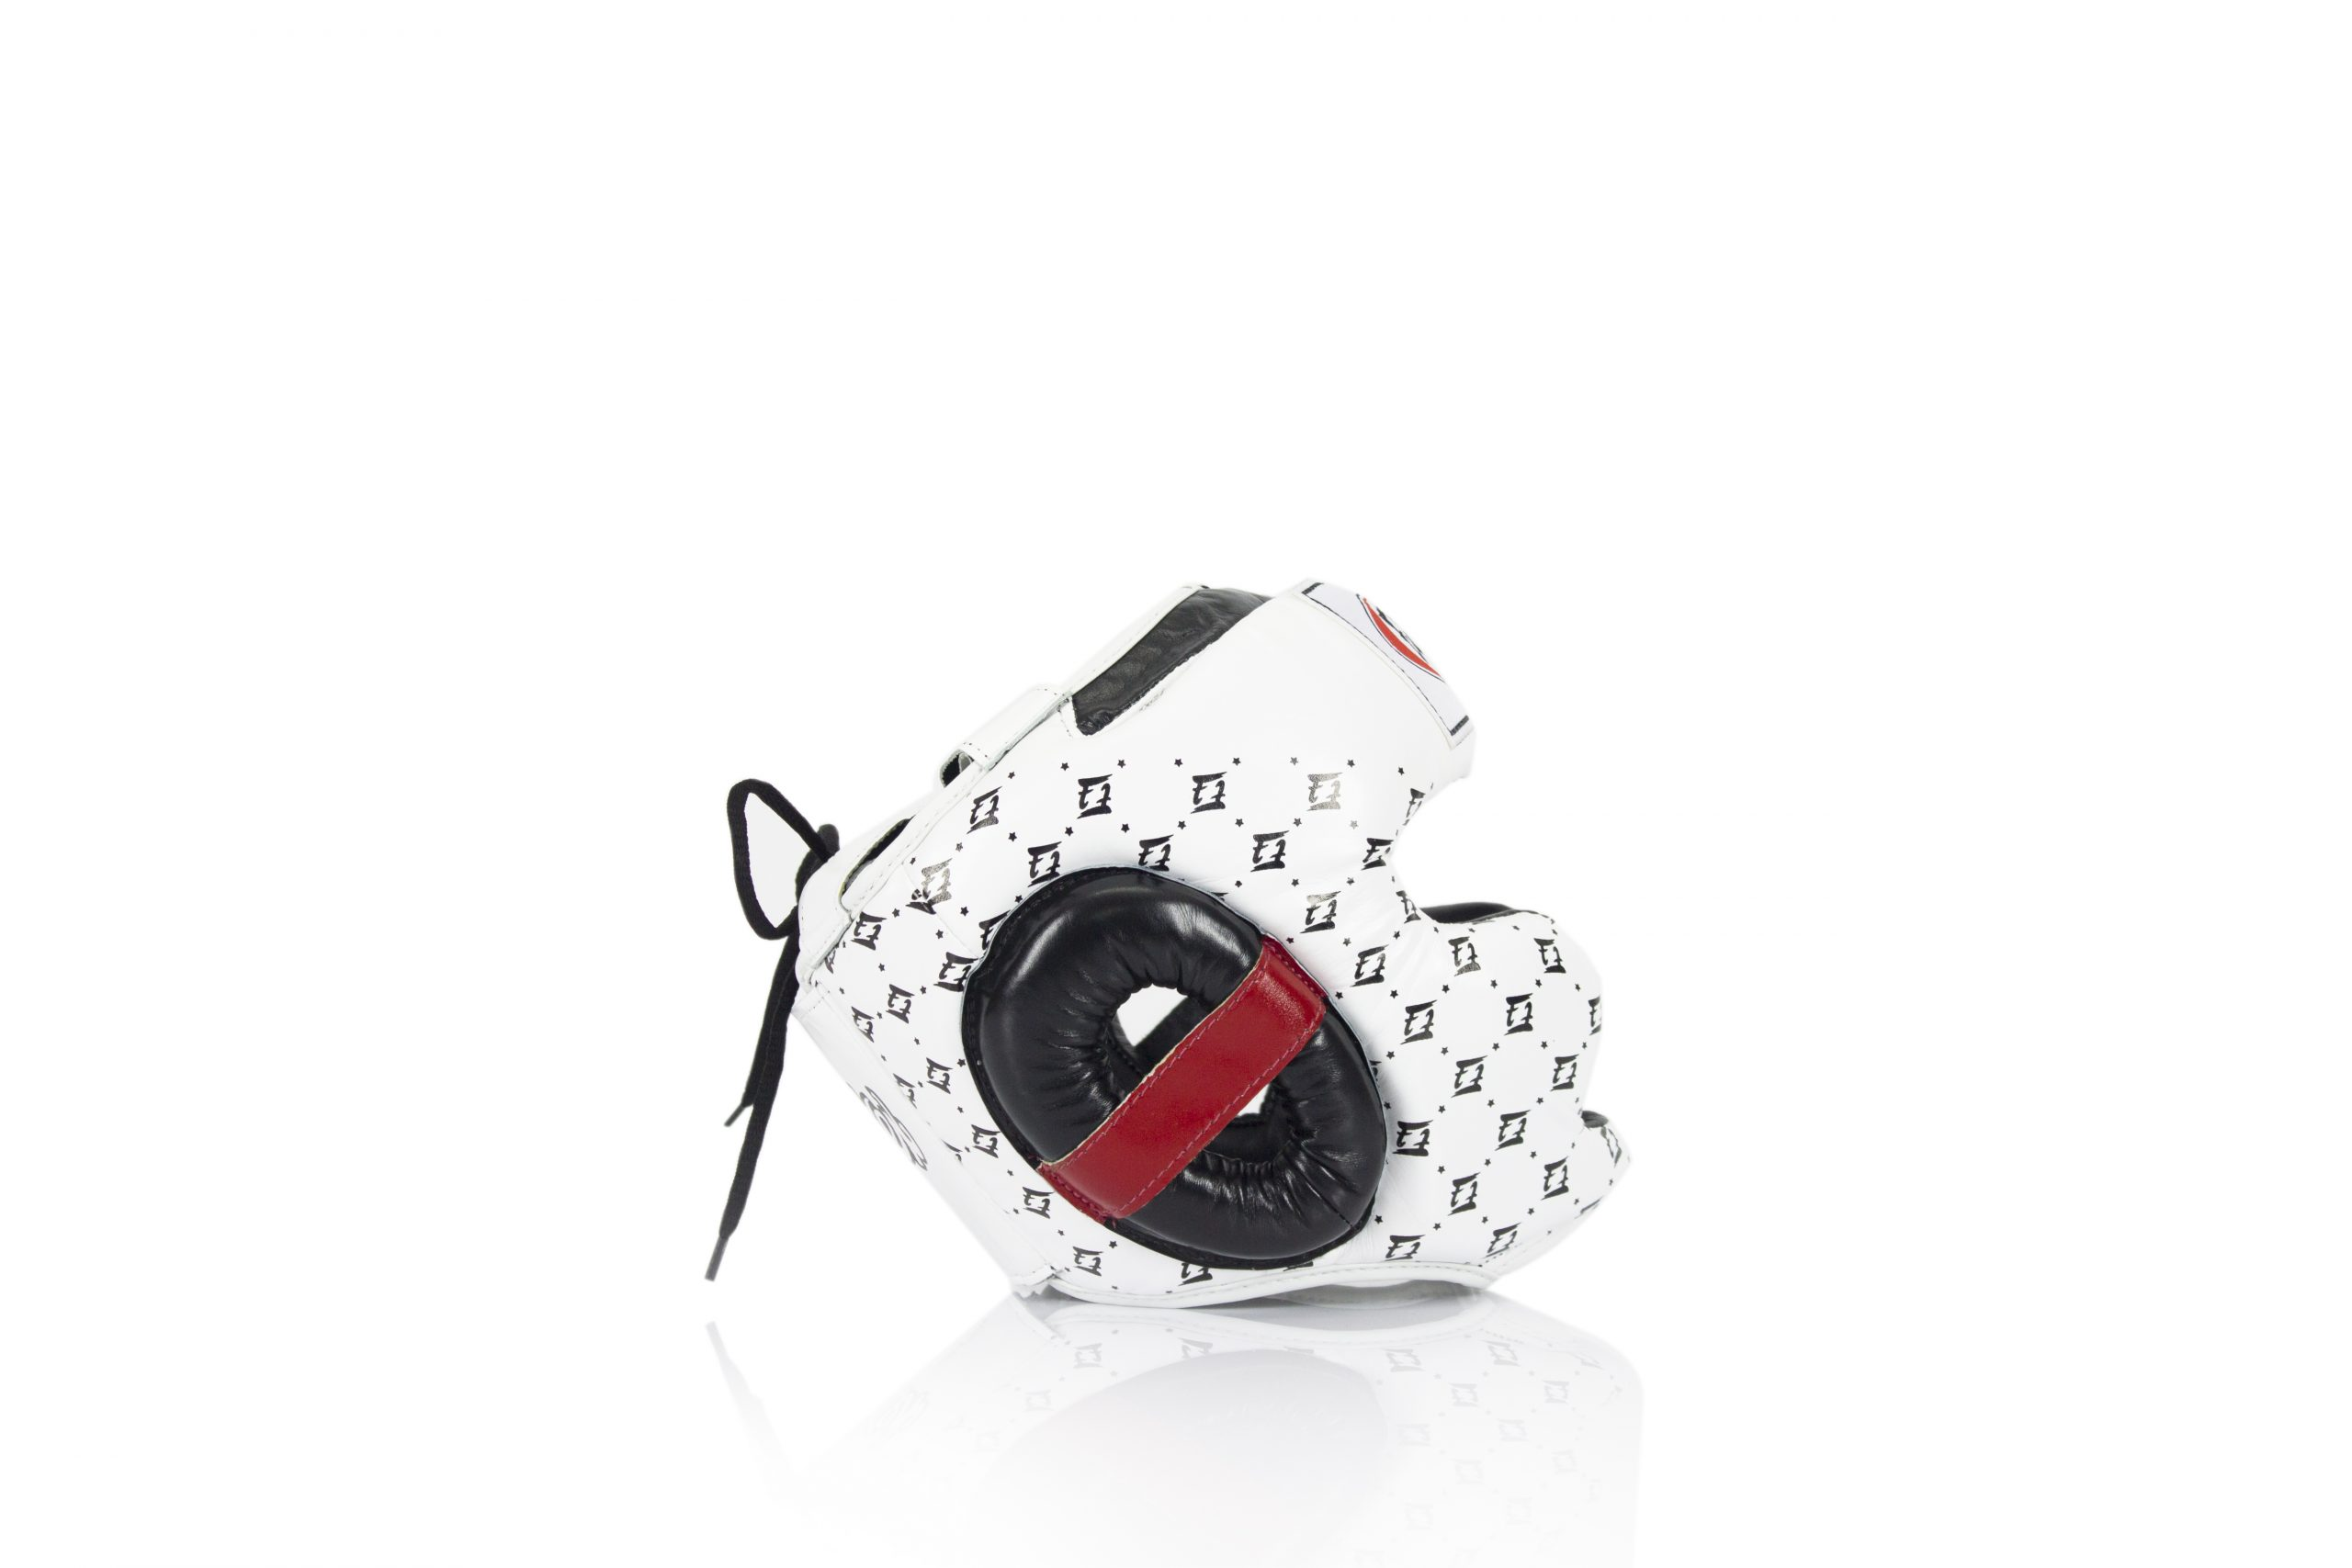 Fairtex Protection de la t/ête Spuer Sparring HG10